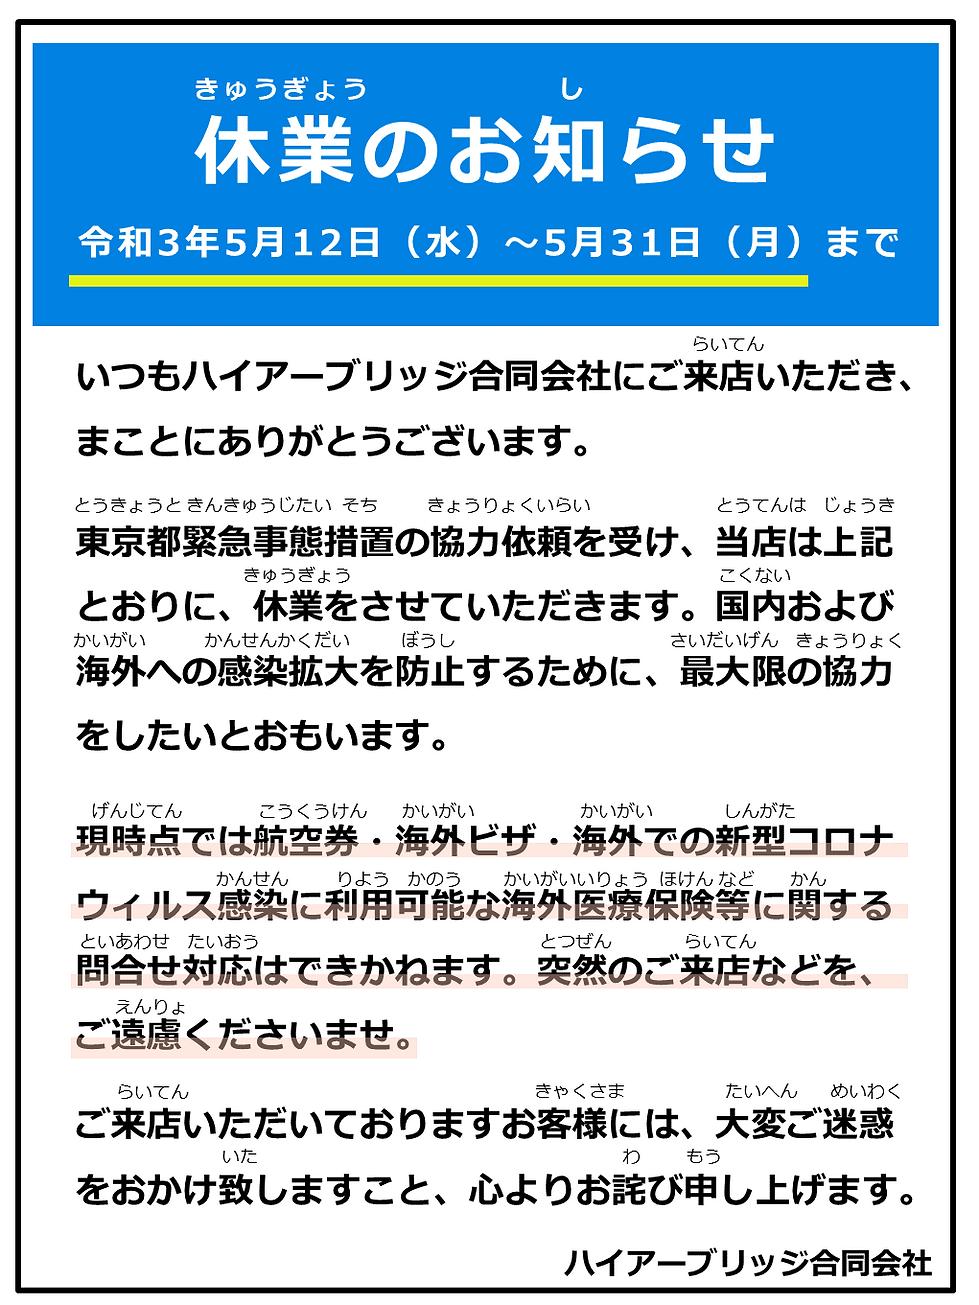 0425-0511ポスター及びホームページ告知.png